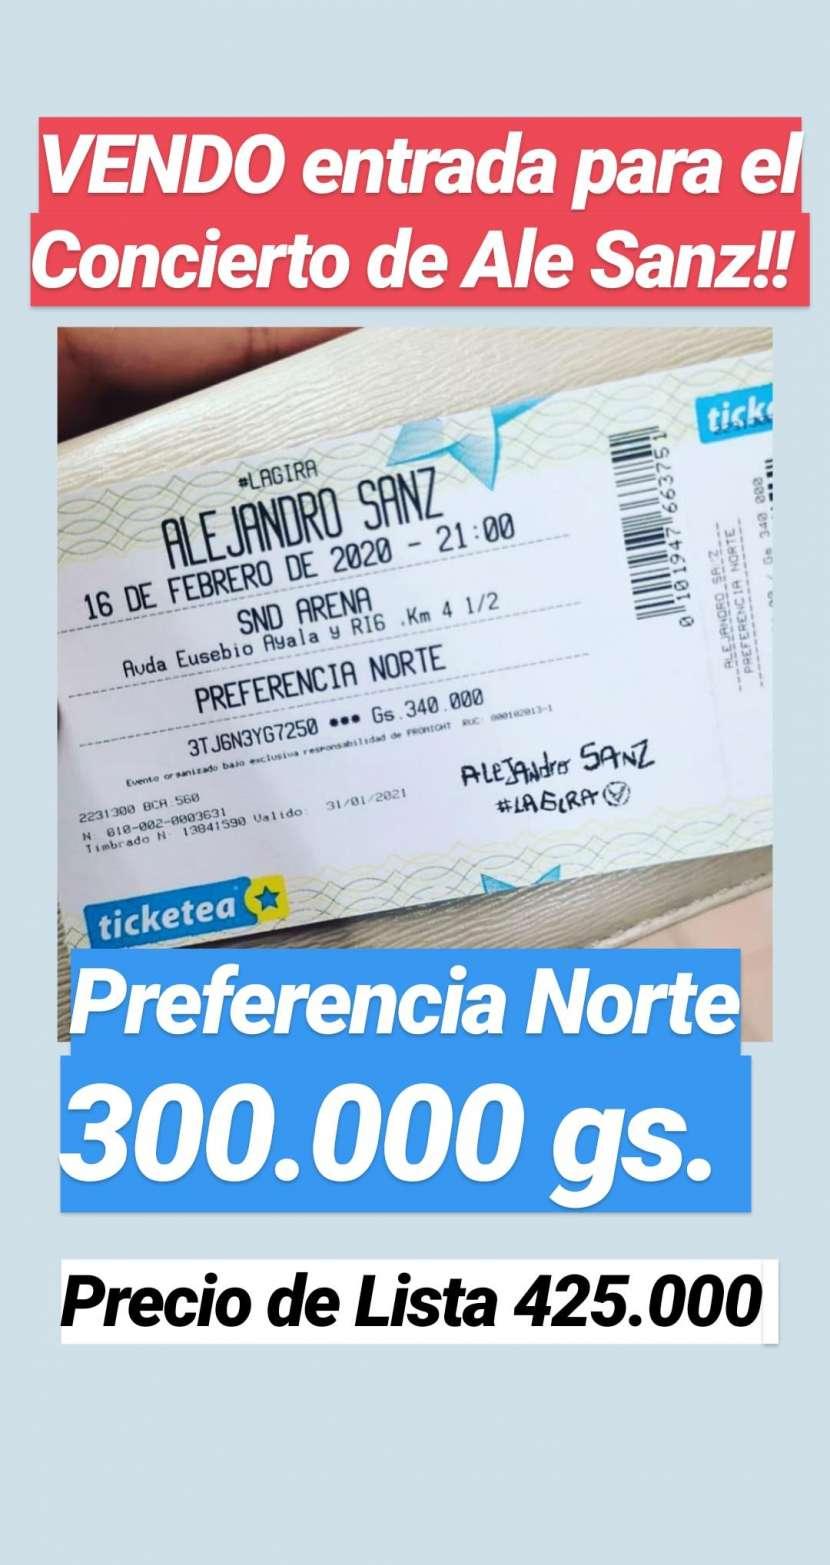 Entrada al Concierto de Alejandro Sanz Sector Preferencia Norte - 0